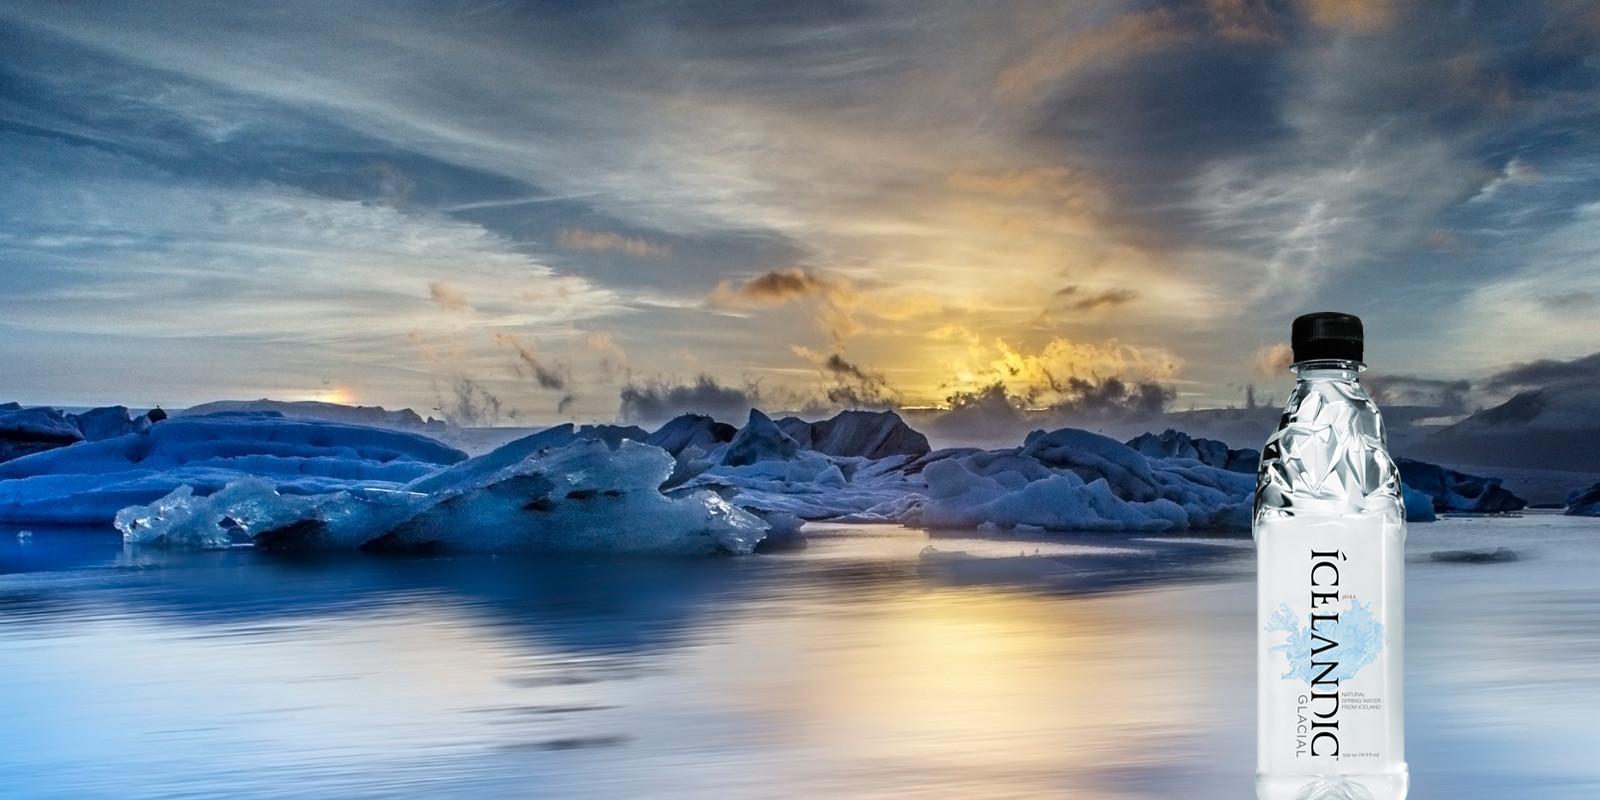 Glacial Natural Spring Water